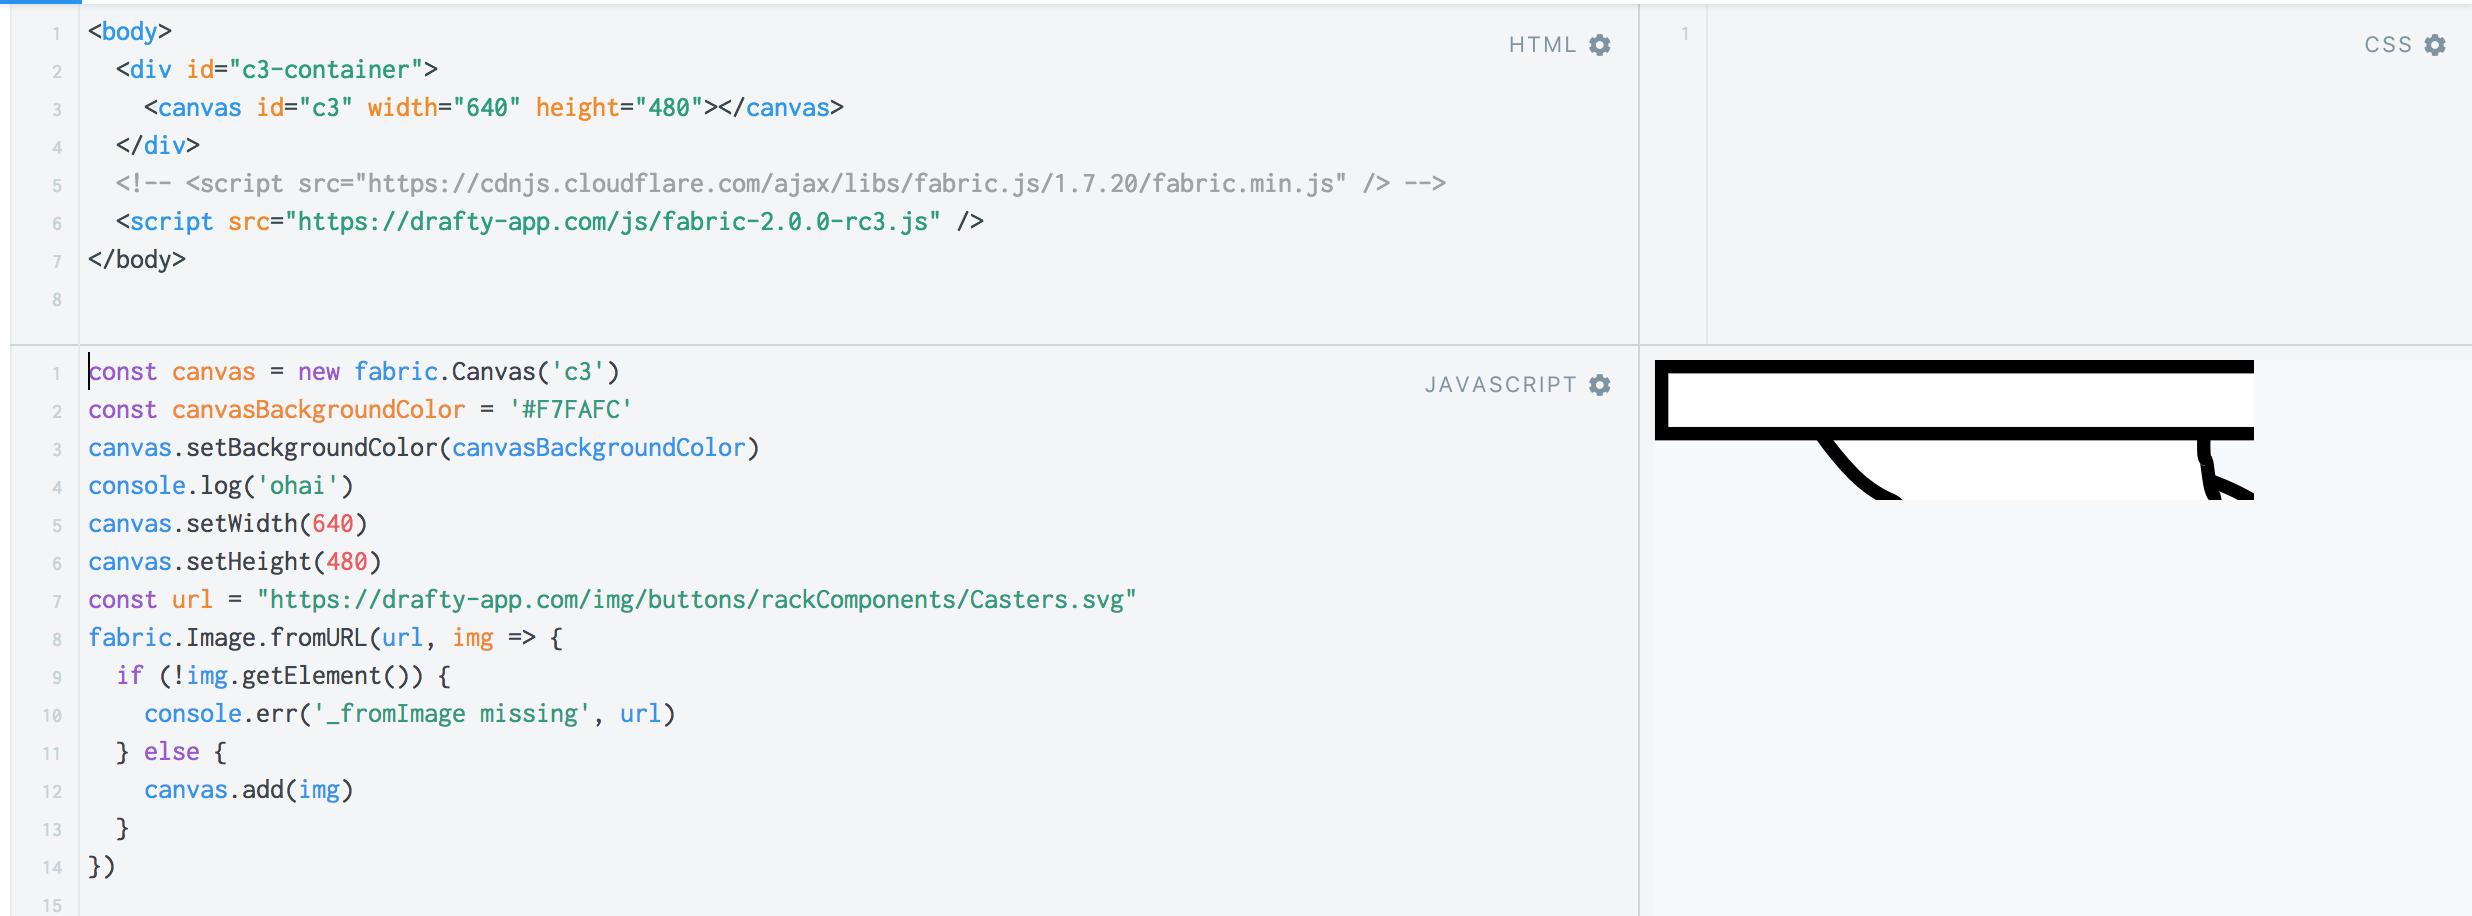 Loaded SVG on Chrome shows upper-left corner of image at ~8x